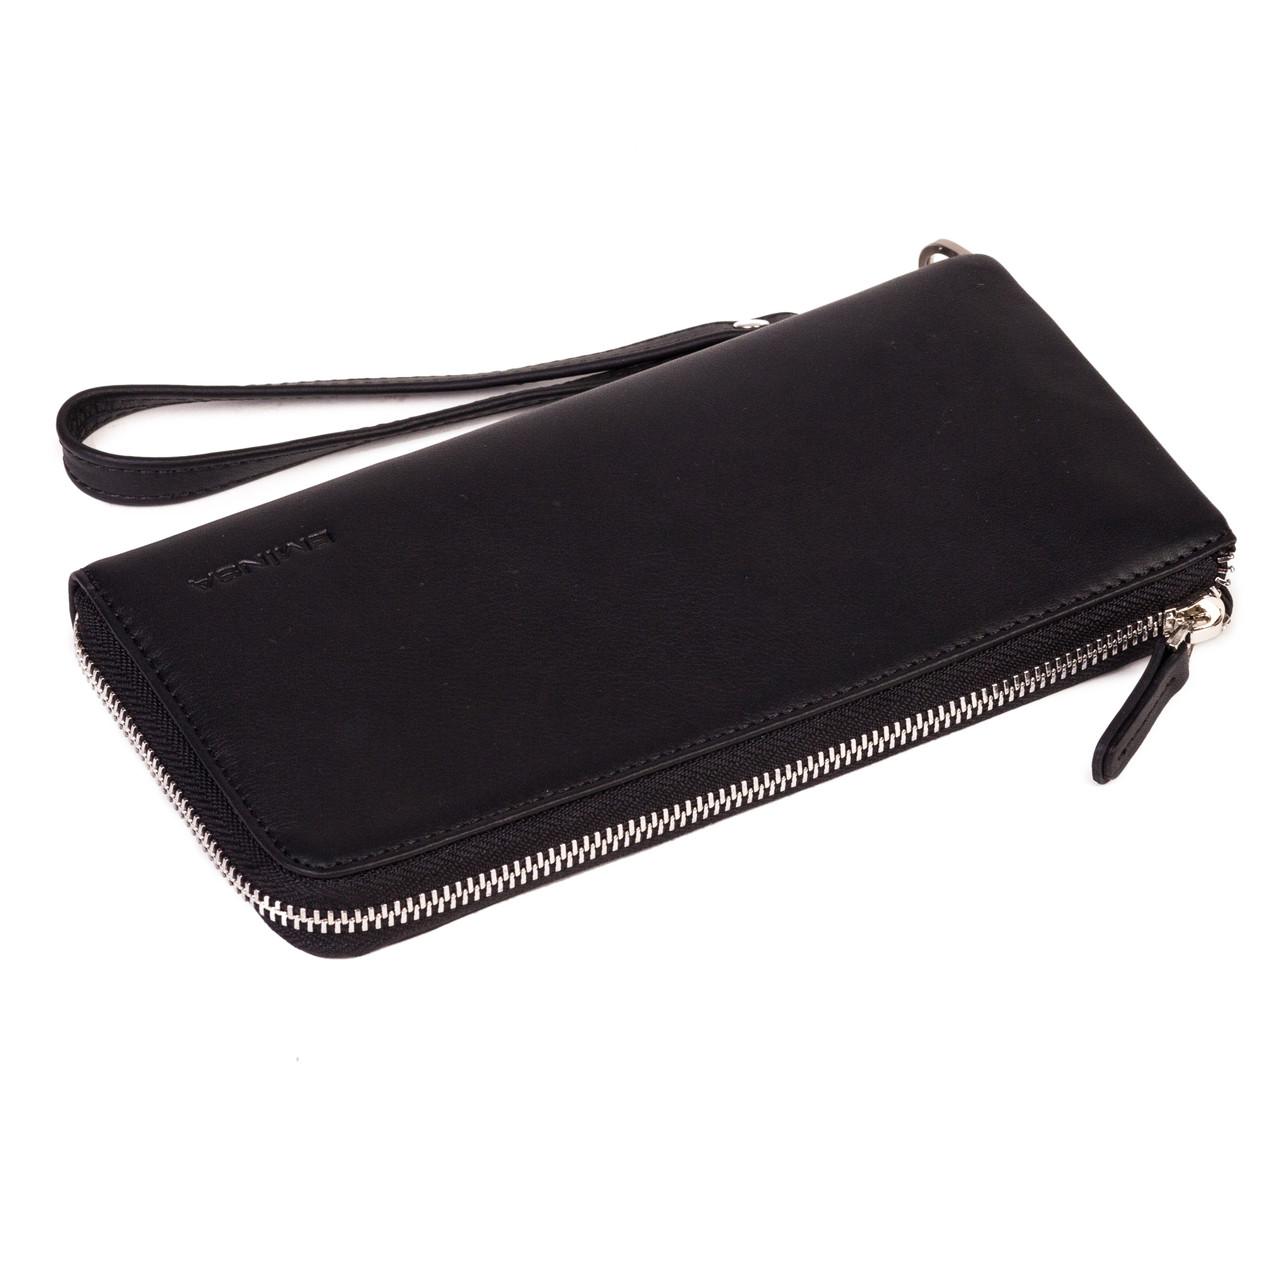 Клатч чоловічий гаманець Eminsa 2104-3-1 шкіряний чорний